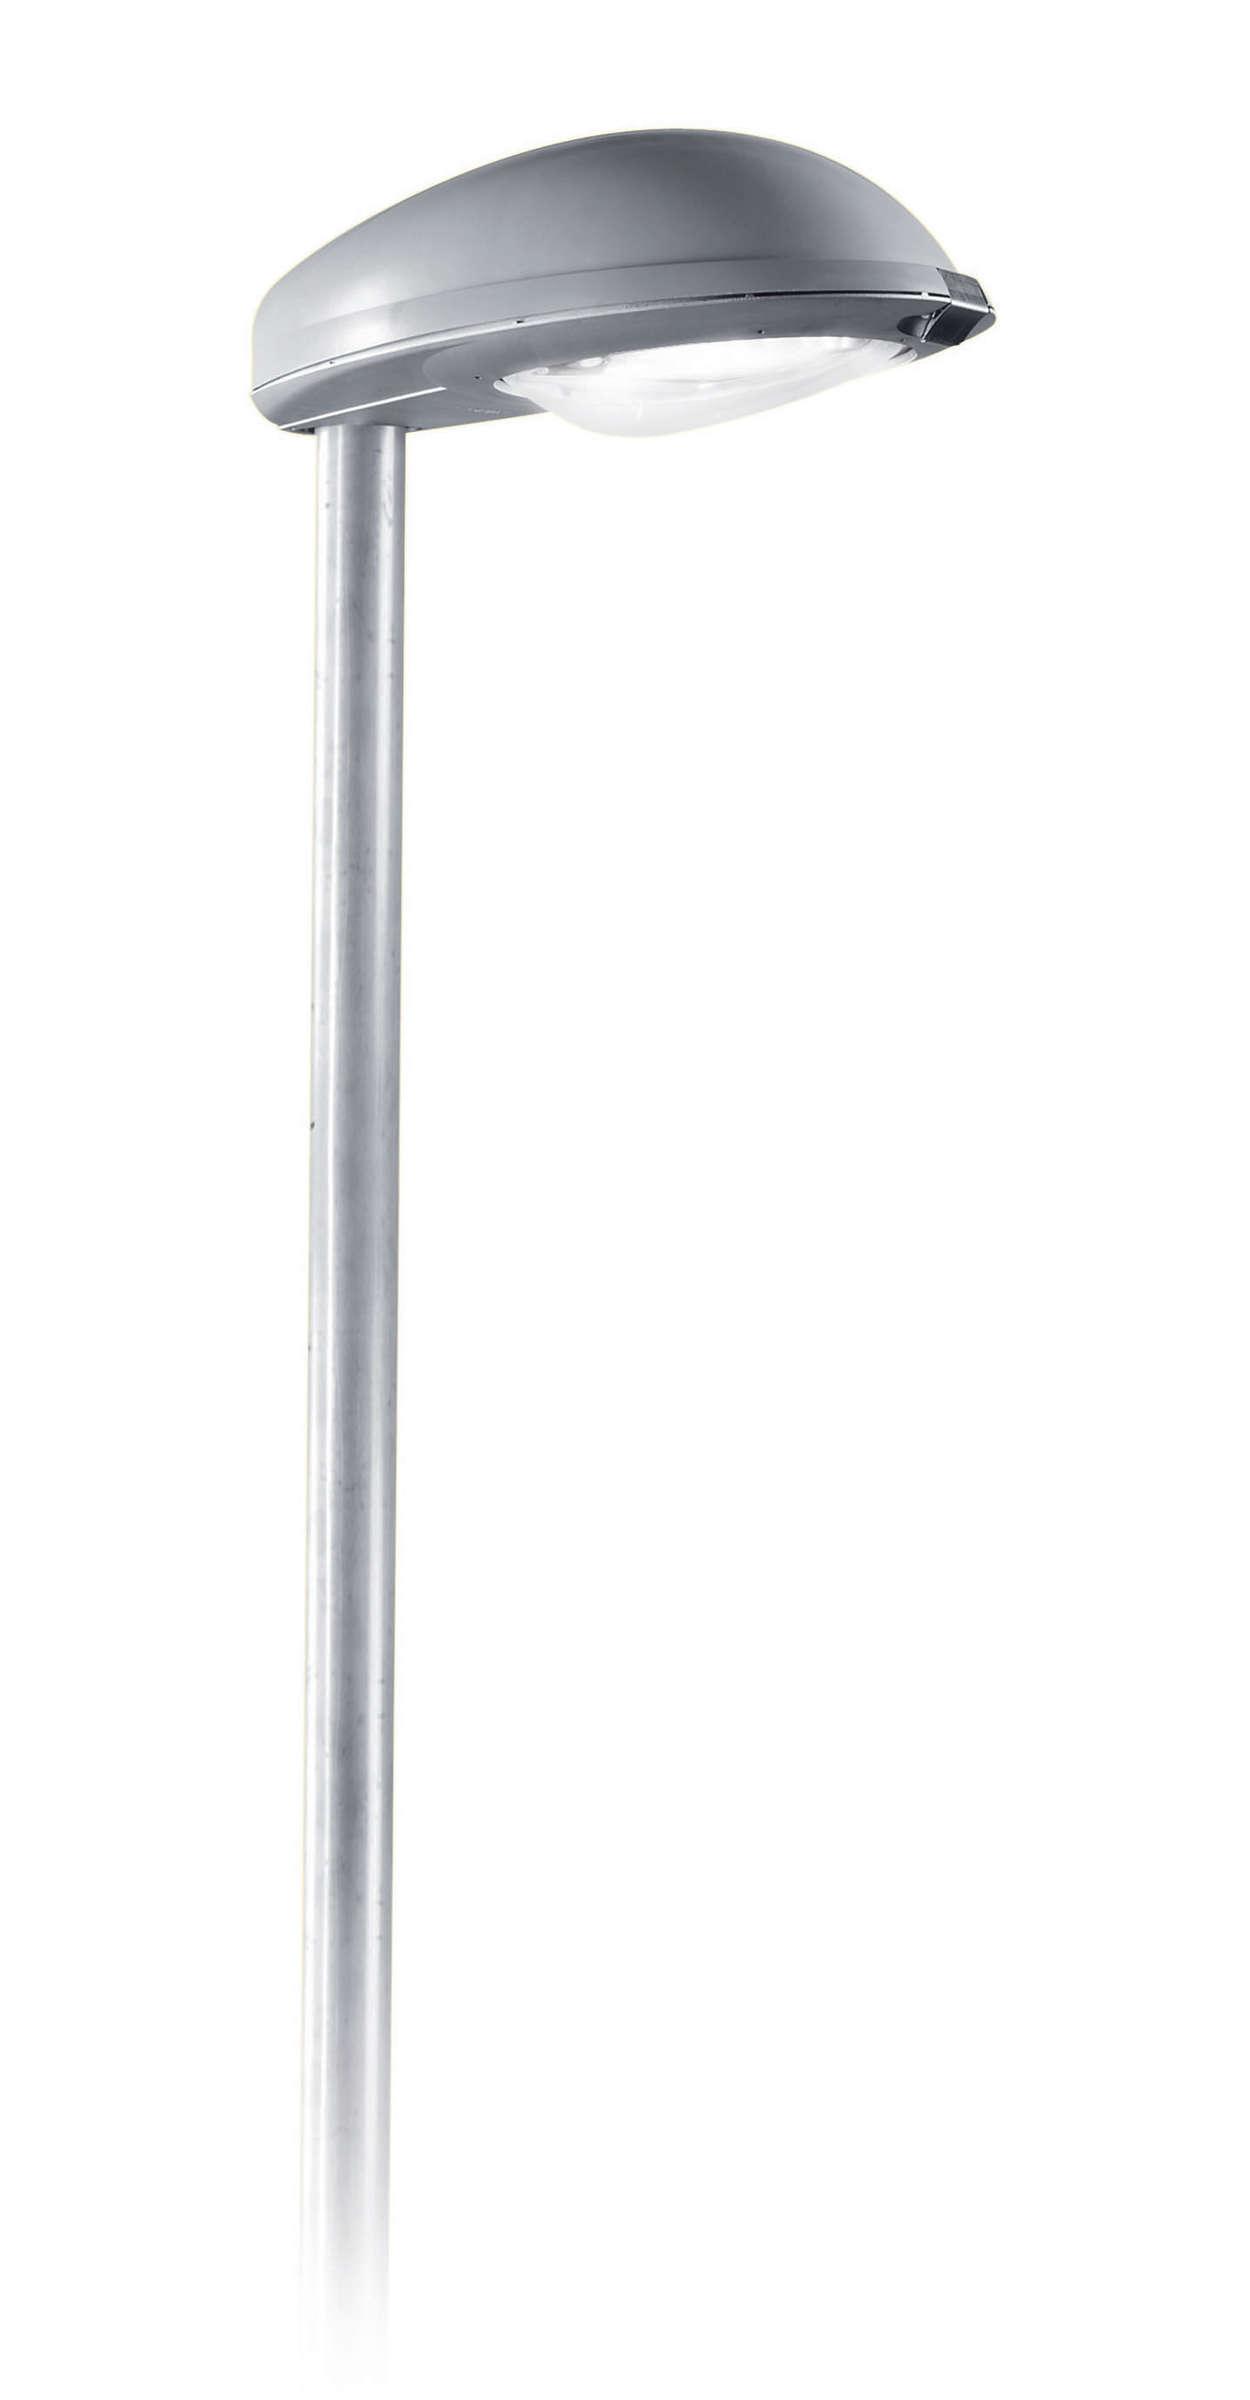 Iridium SGS252/452